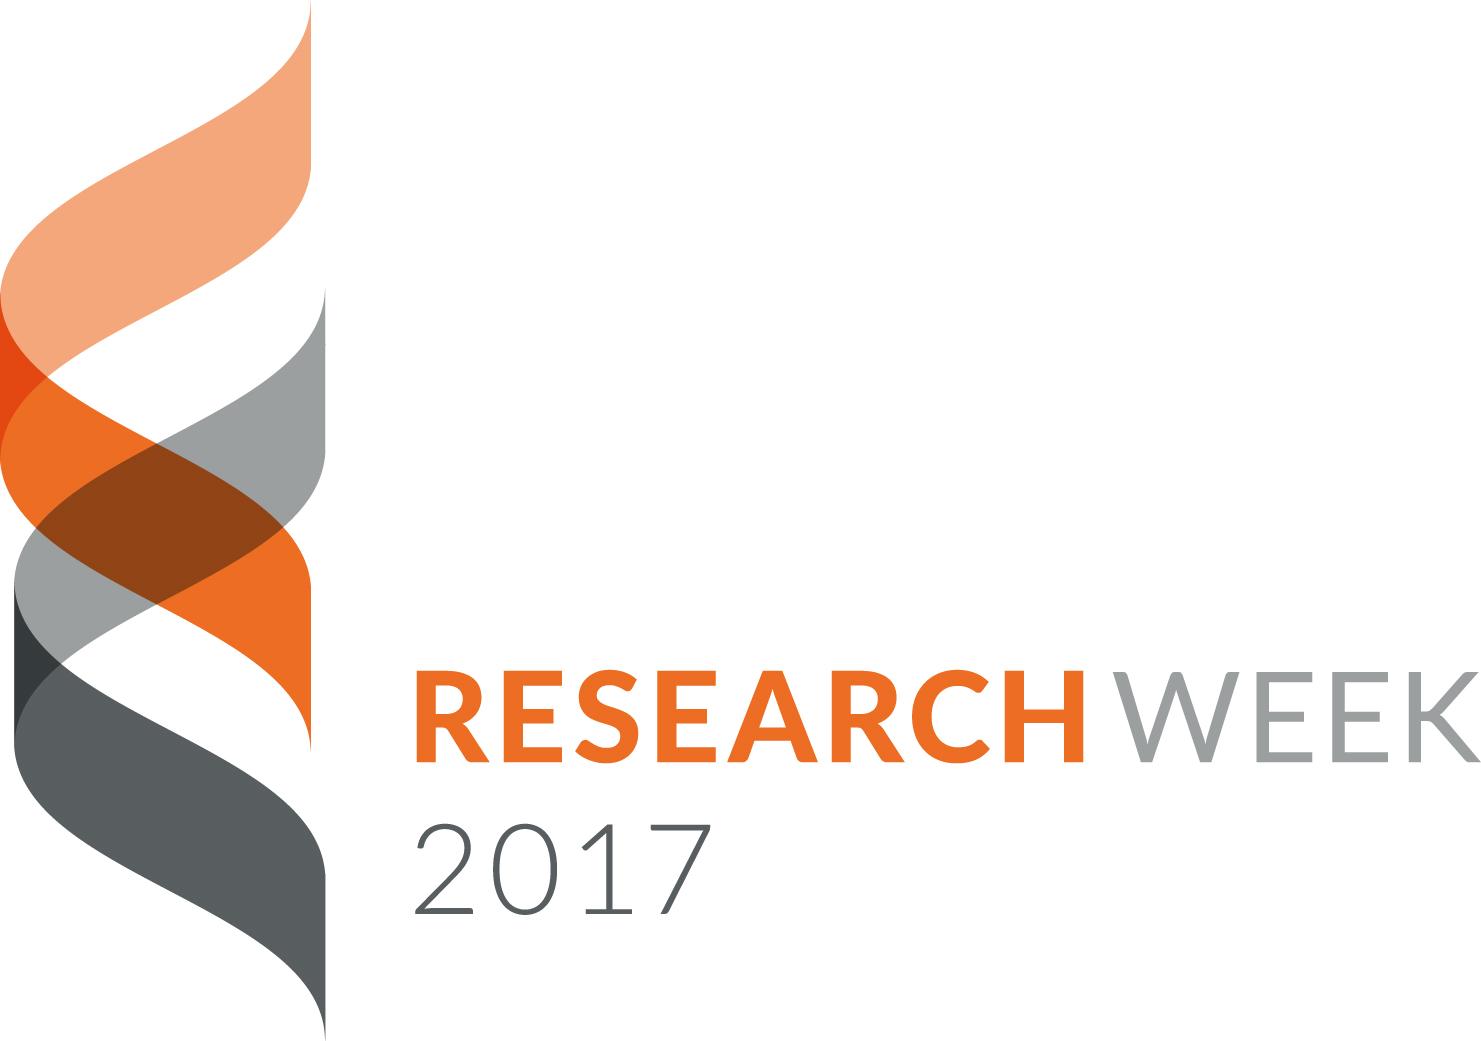 FPP 21469239 Research Week 2017 ART RGB